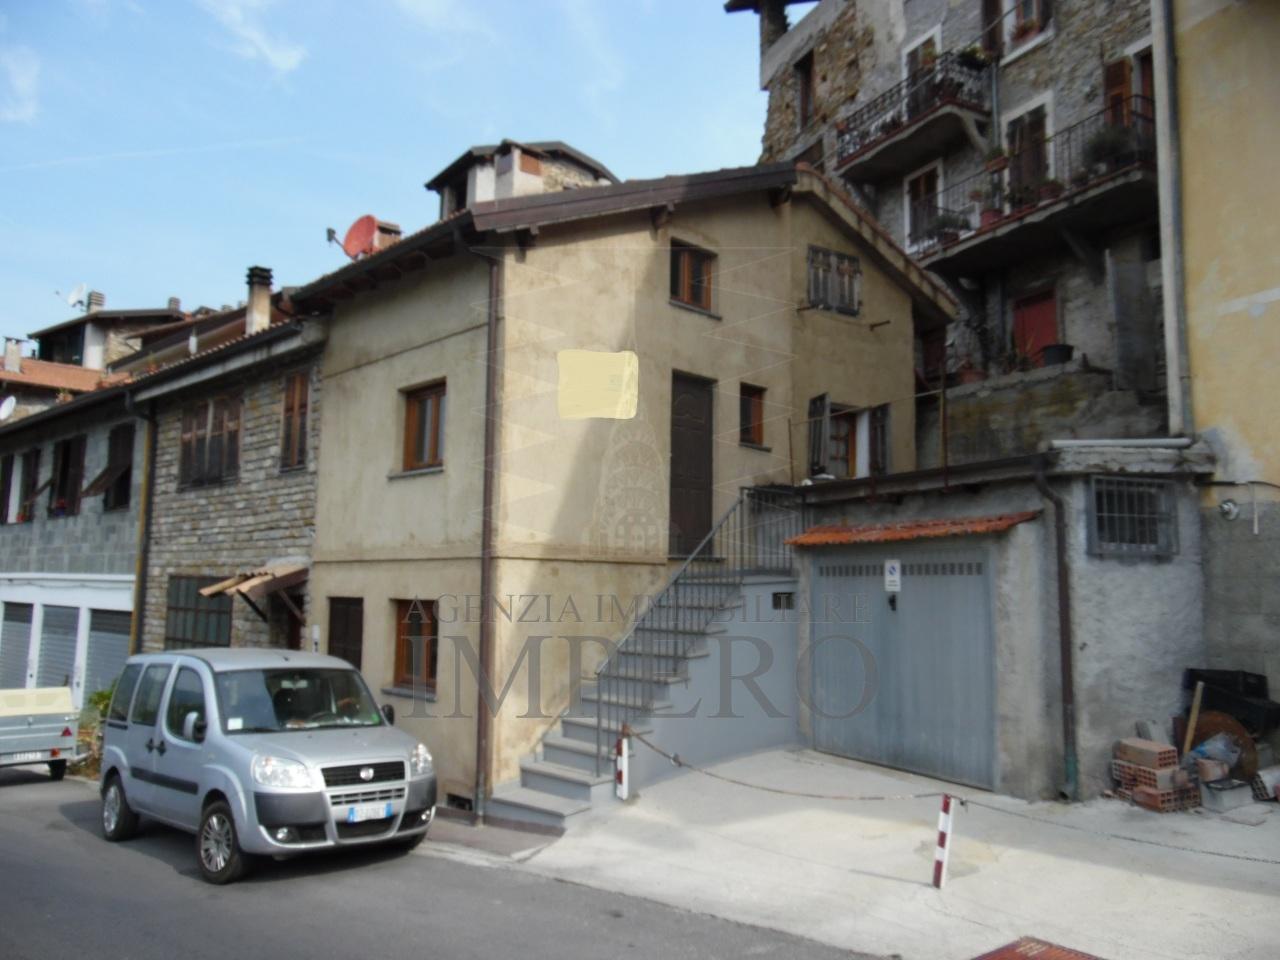 Soluzione Indipendente in vendita a Apricale, 3 locali, prezzo € 80.000 | PortaleAgenzieImmobiliari.it